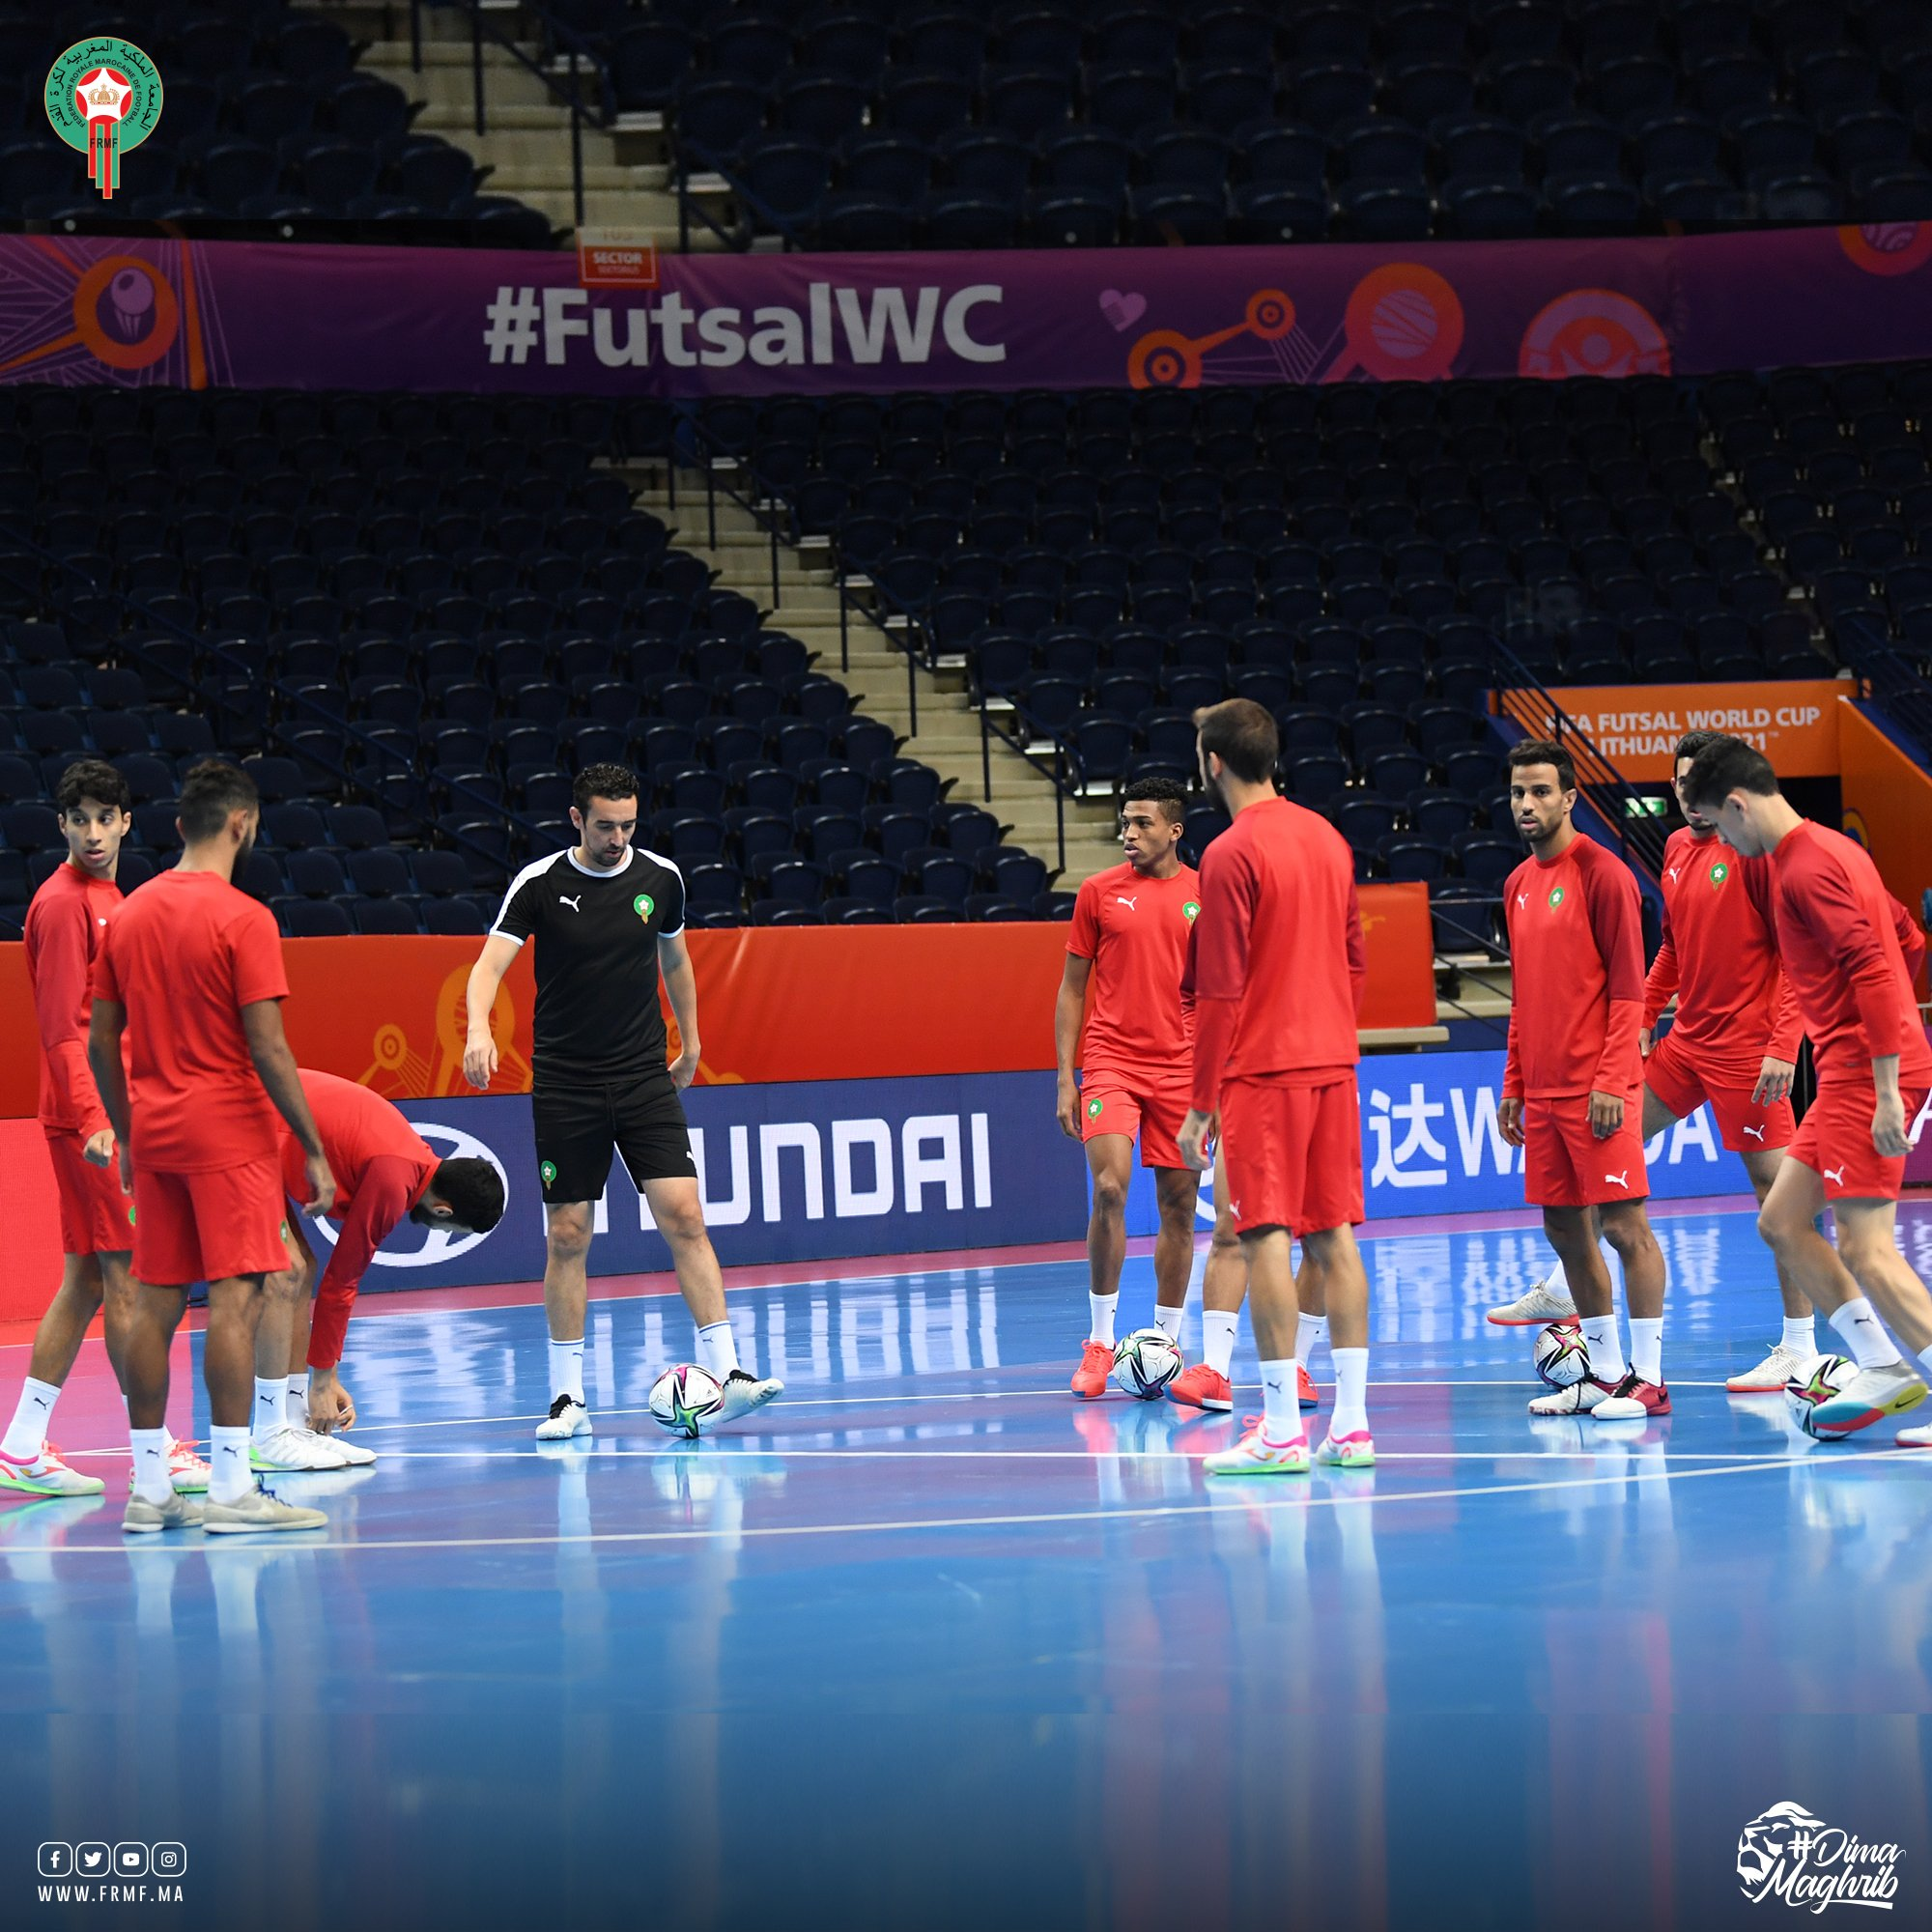 مباراة المغرب والبرازيل داخل القاعة .. توقيت مباراة المغرب والبرازيل اليوم .. موعد مباراة المغرب والبرازيل داخل القاعة